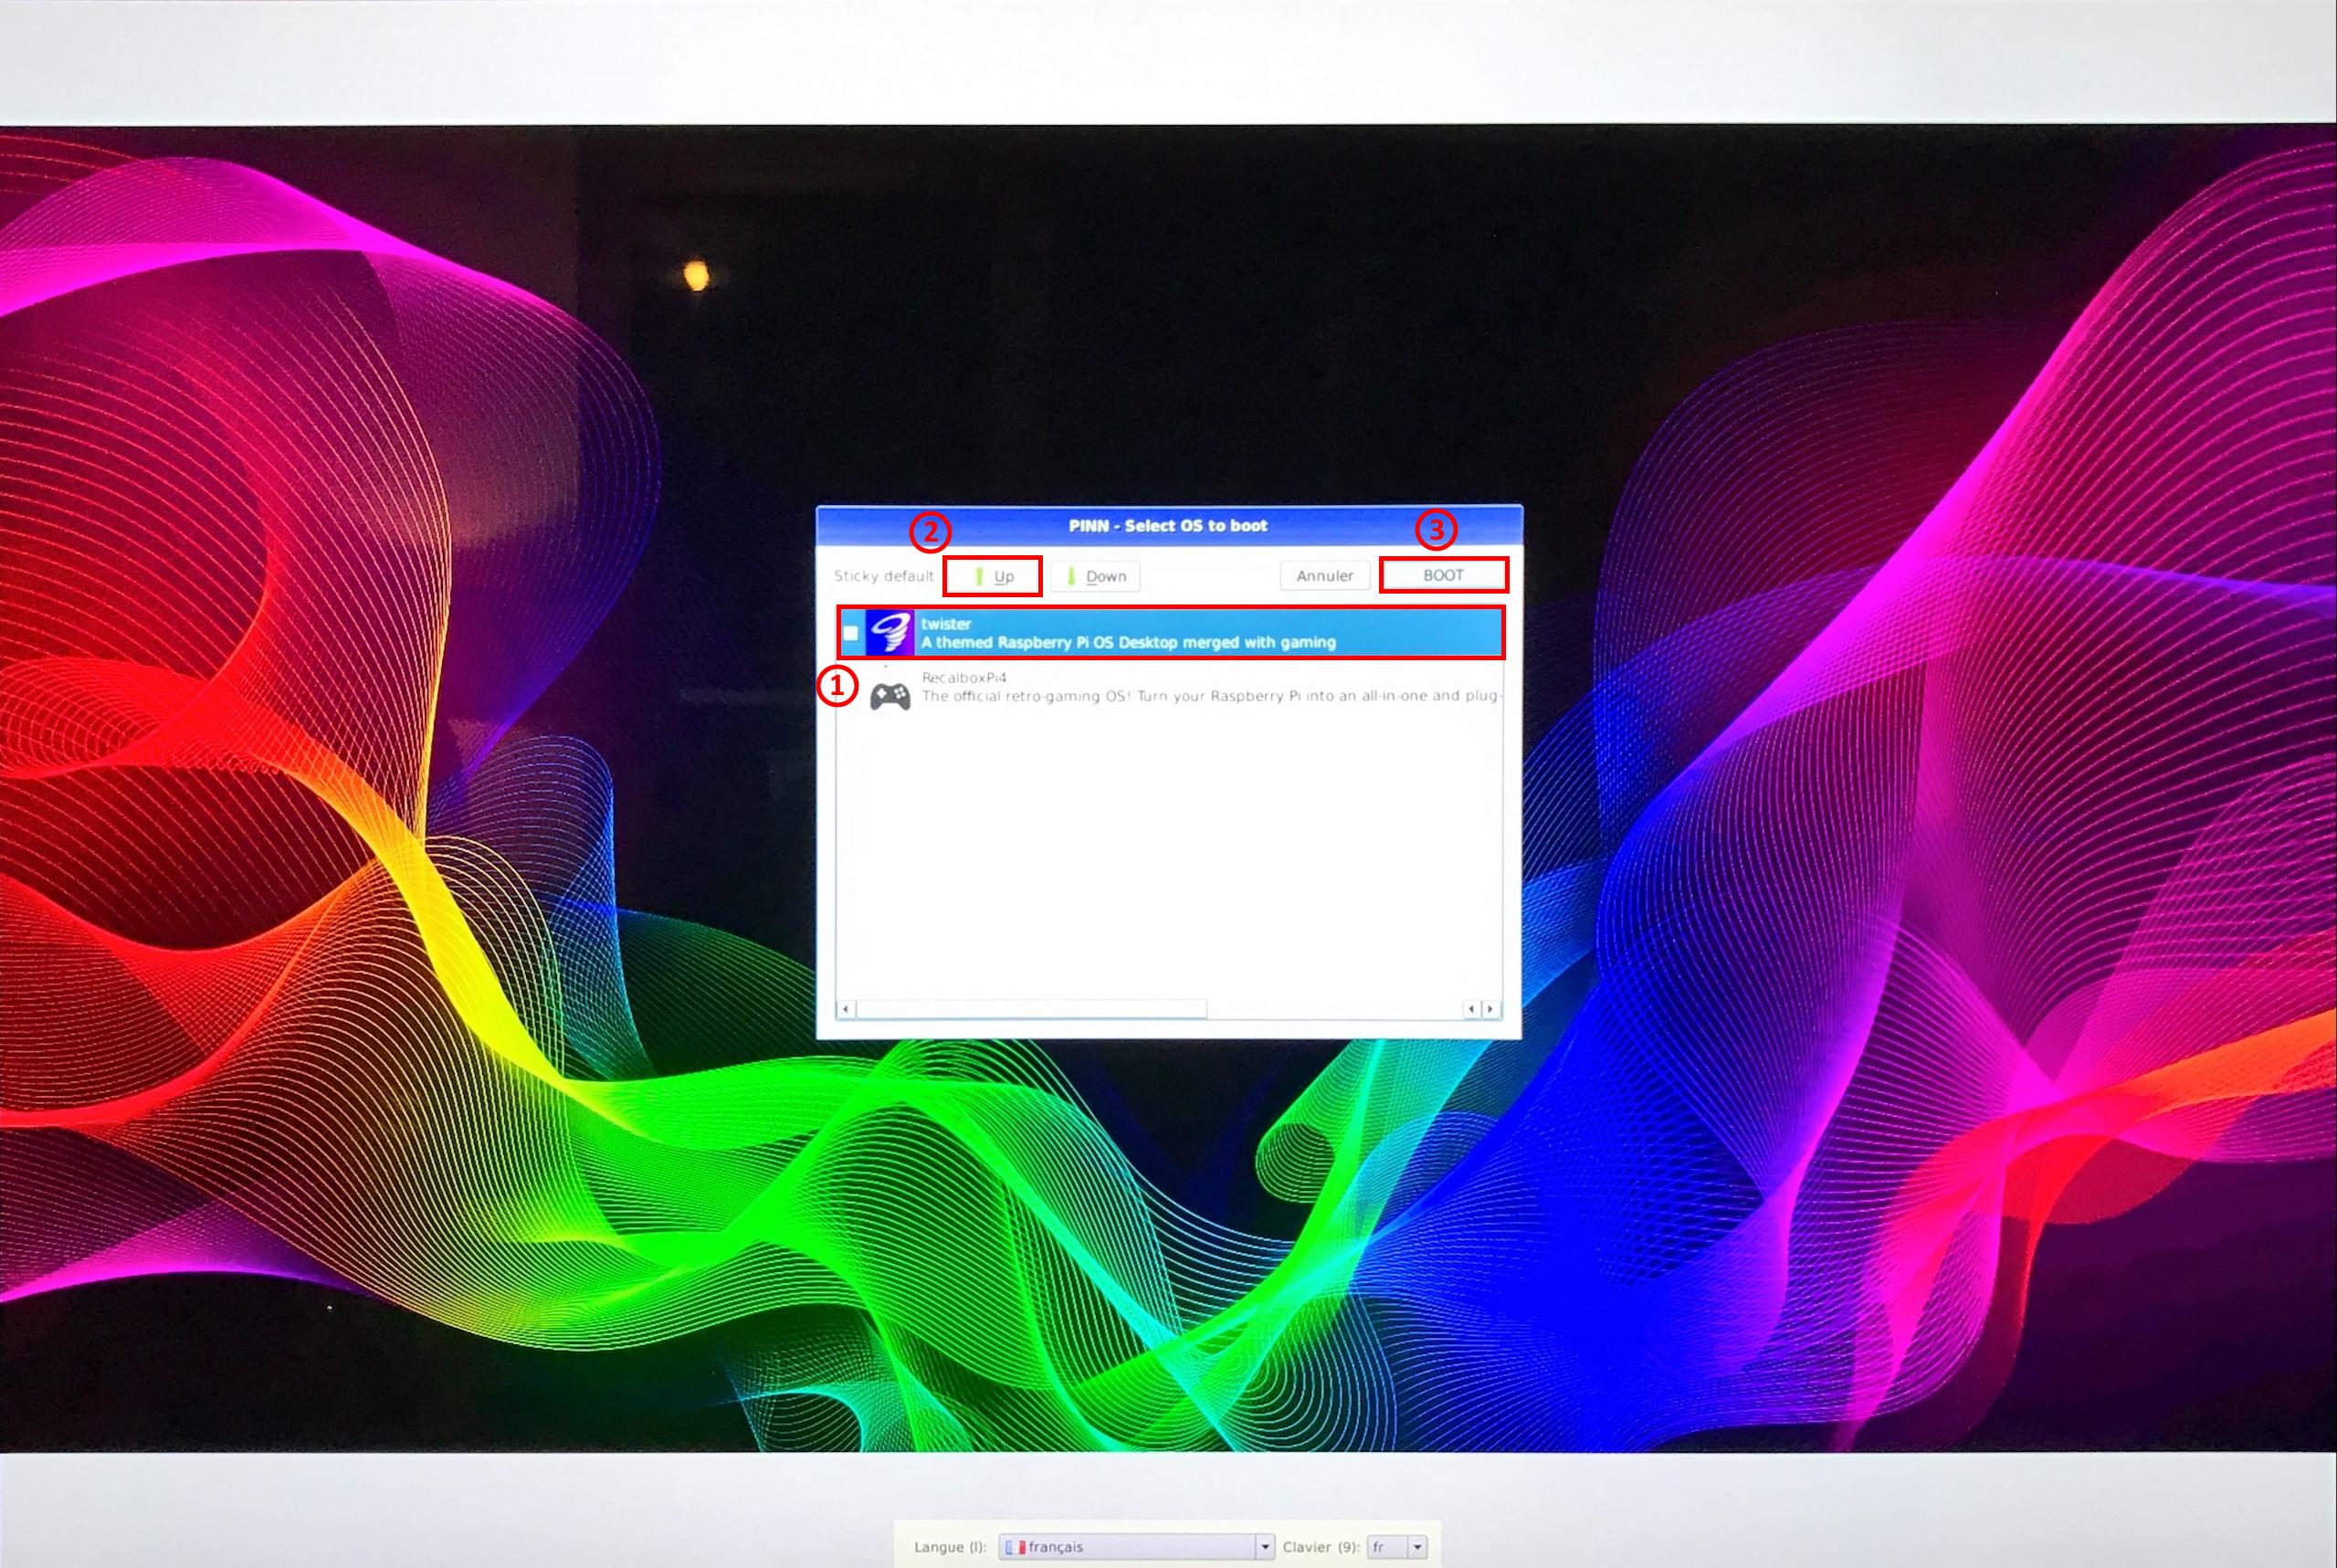 PINN Lite - Select OS to boot - TwisterOS